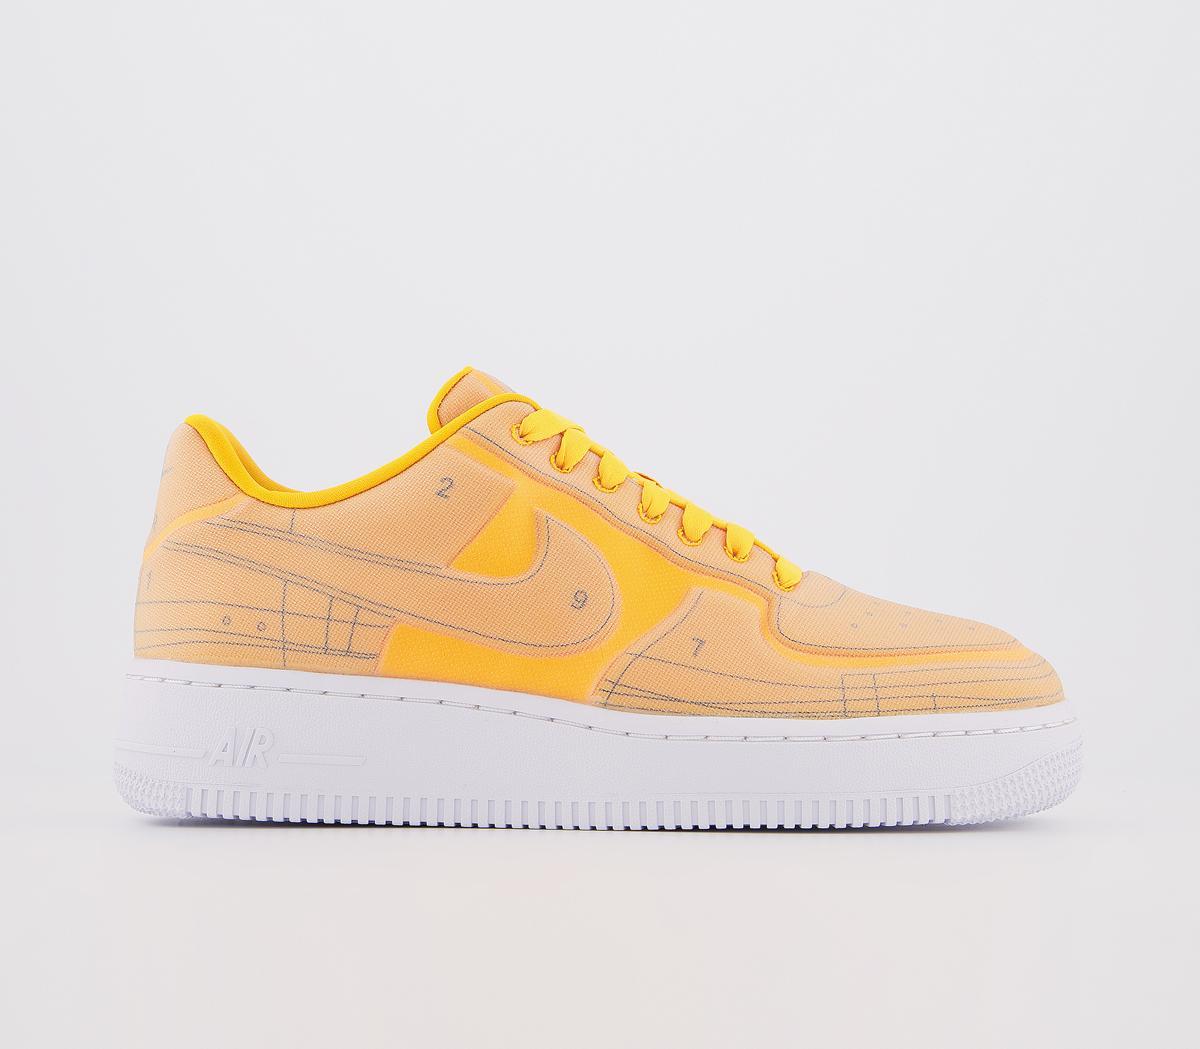 Nike Air Force 1 07 Laser Orange Black